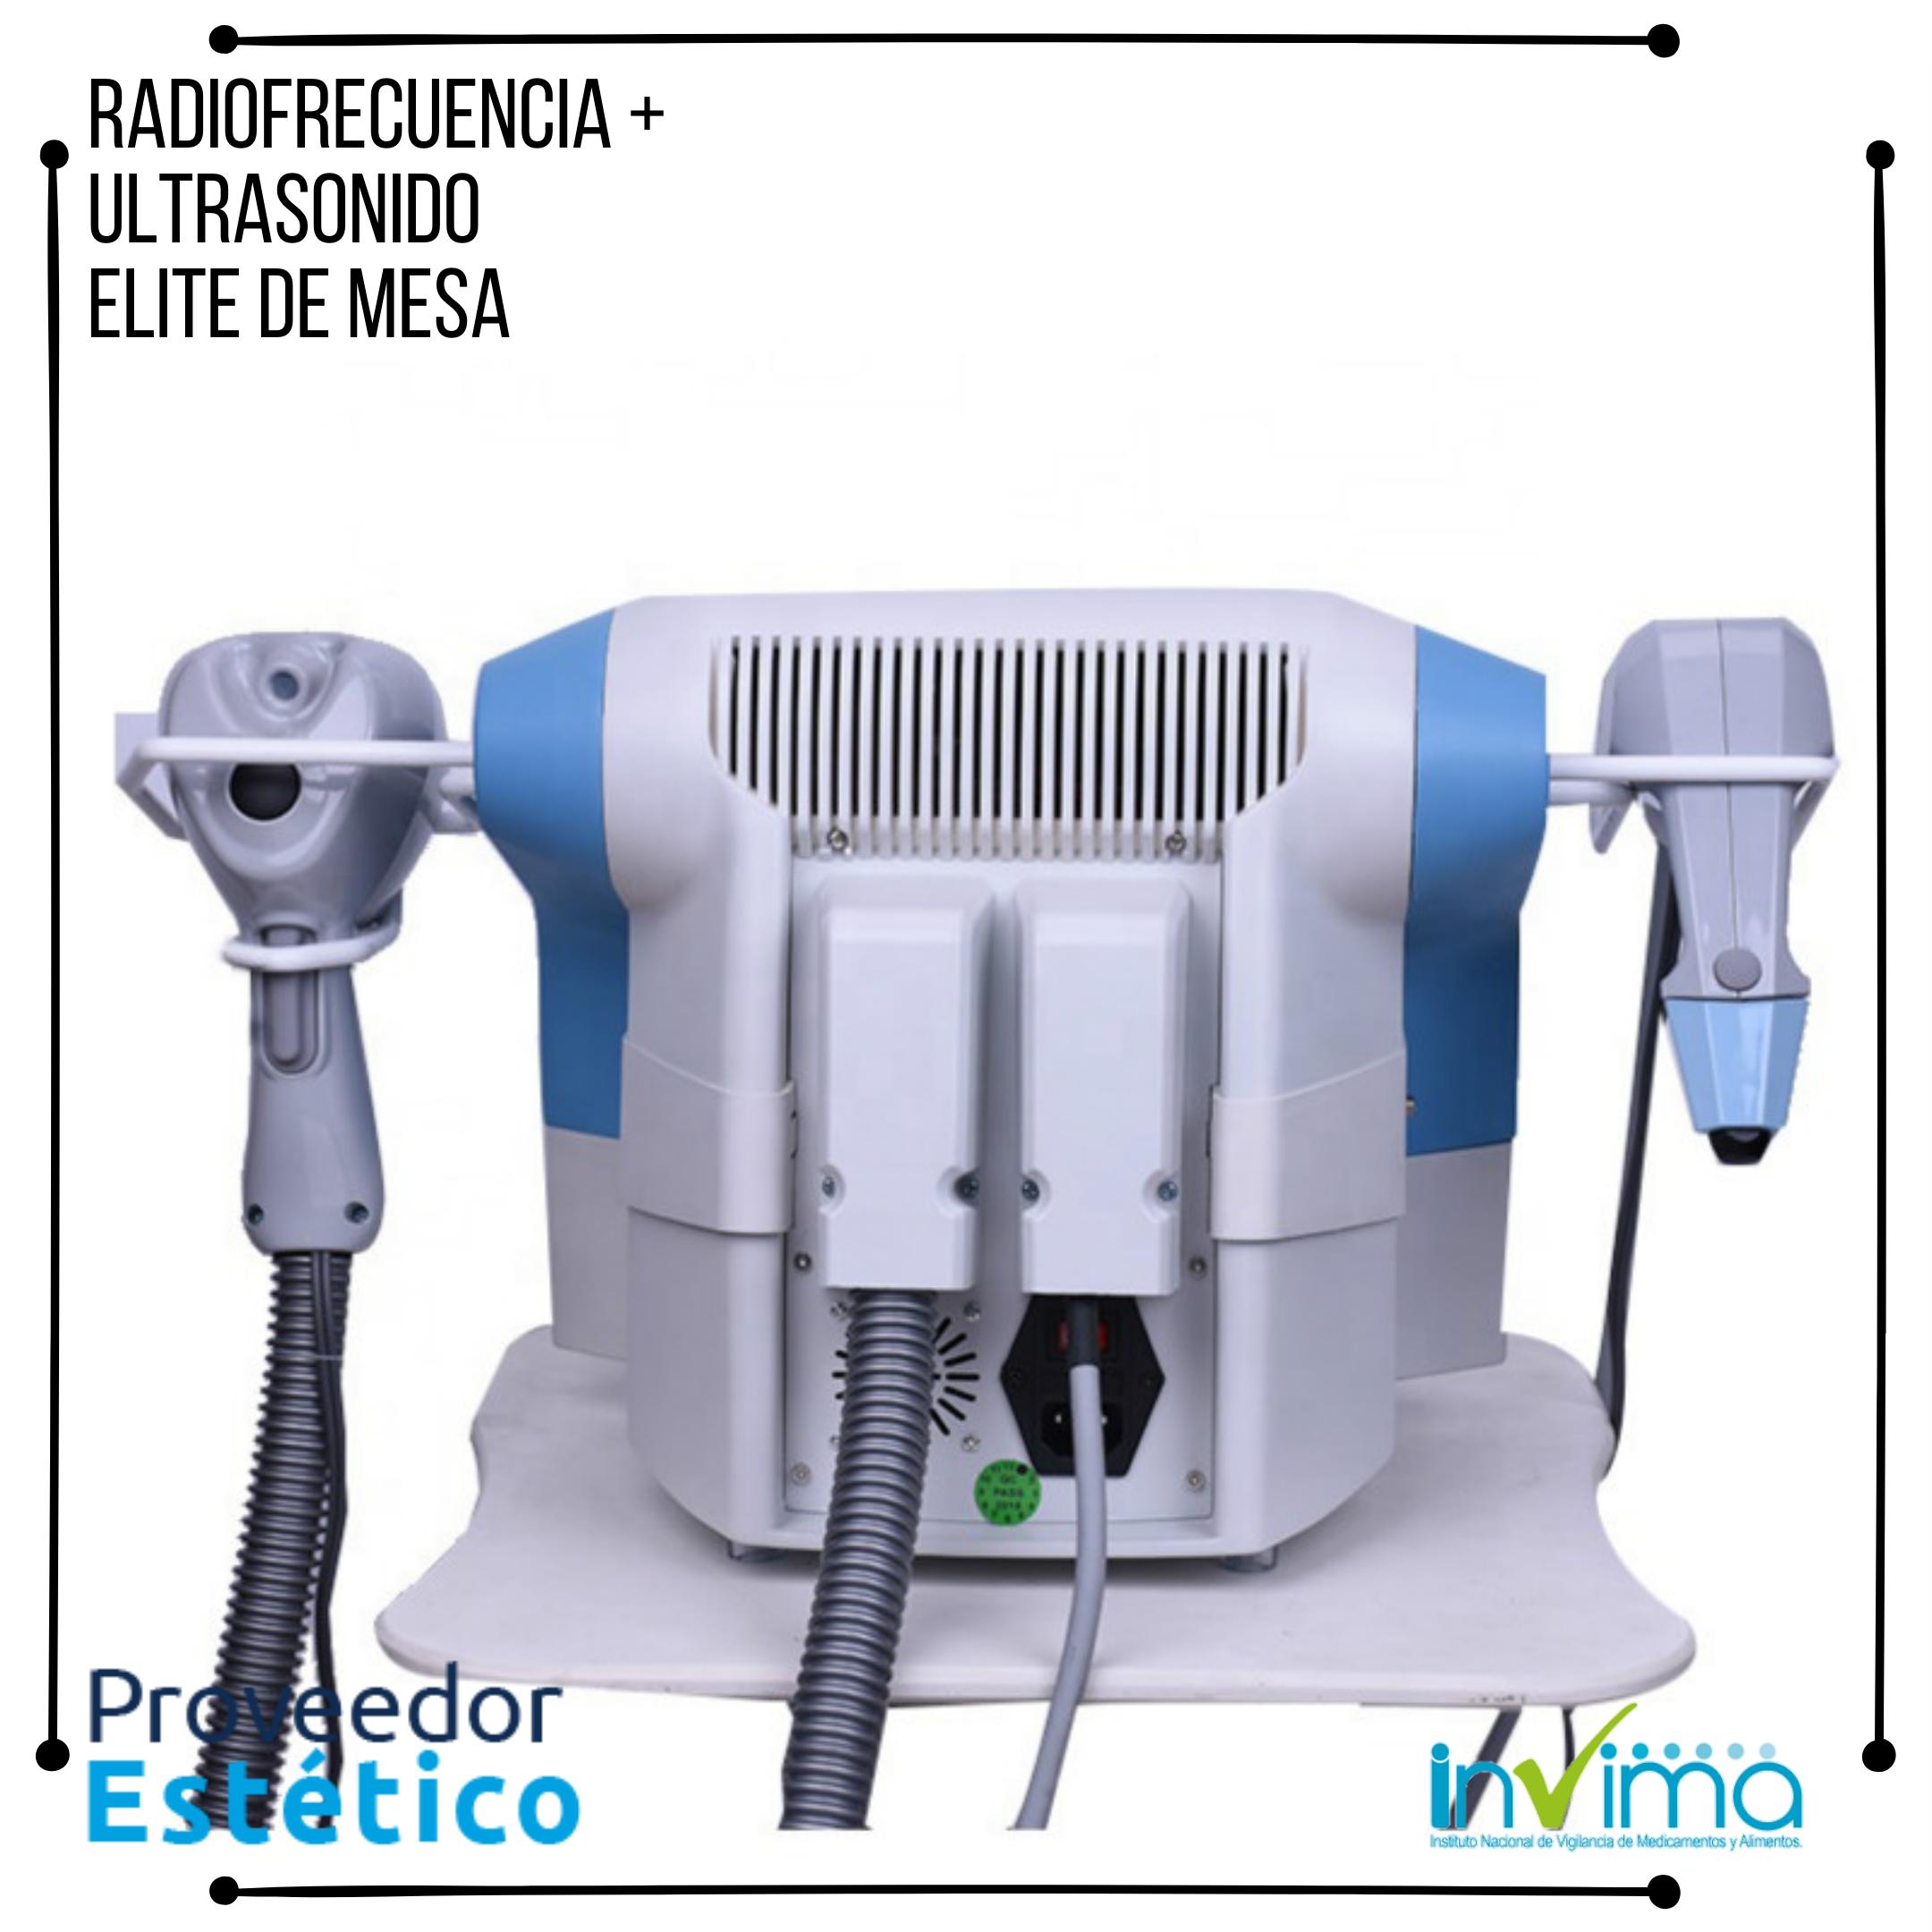 Radiofrecuencia Ultrasonica Elite de MesaRadiofrecuencia Ultrasonica Elite de Mesa